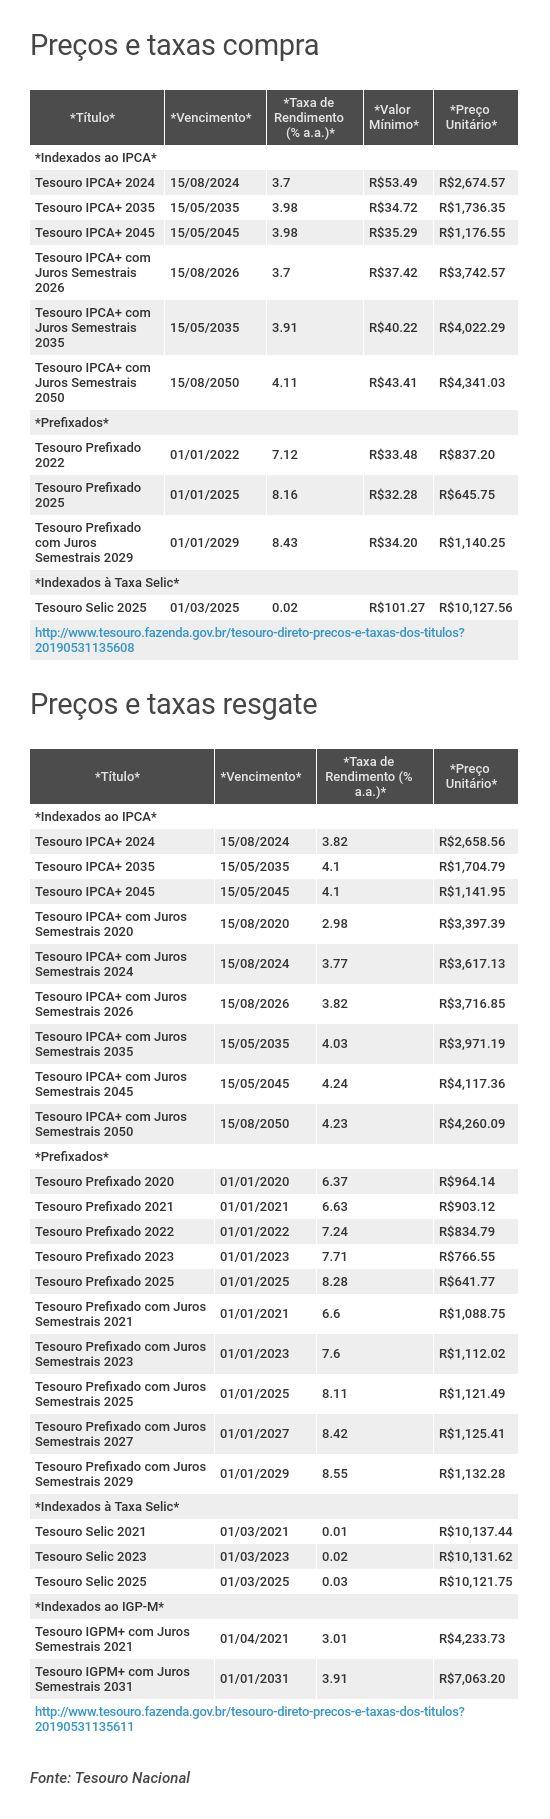 Preços e taxas do Tesouro Direto em 31 de maio de 2019 - abertura